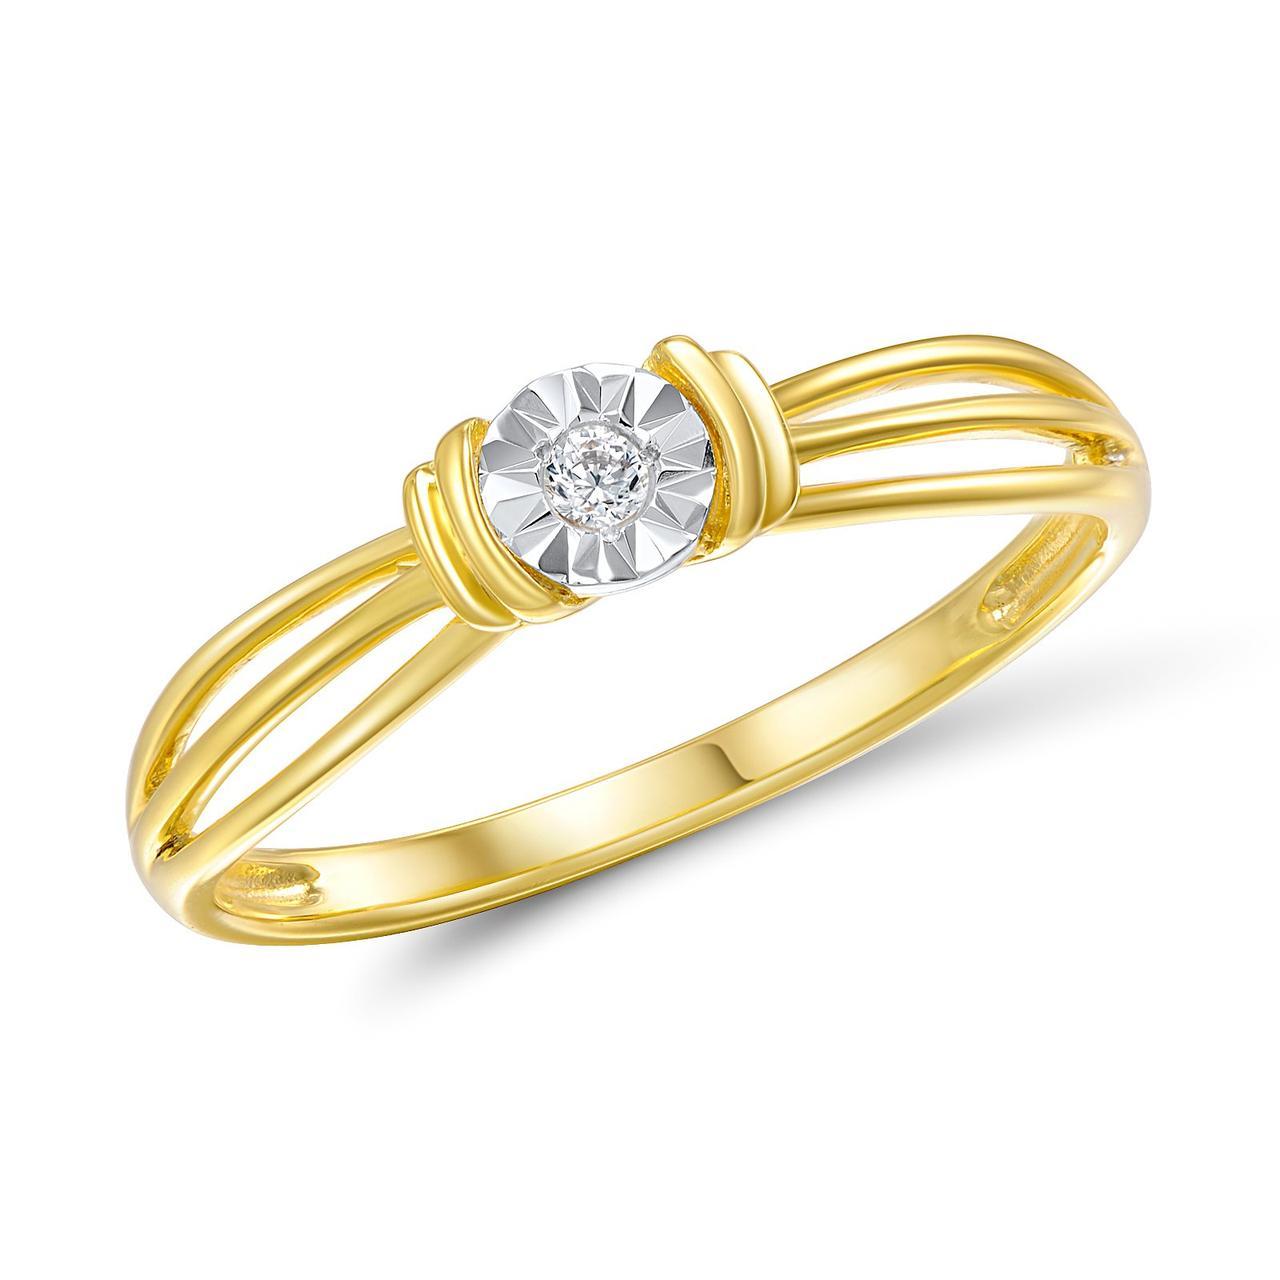 Золотое кольцо с бриллиантом, размер 16 (208925)